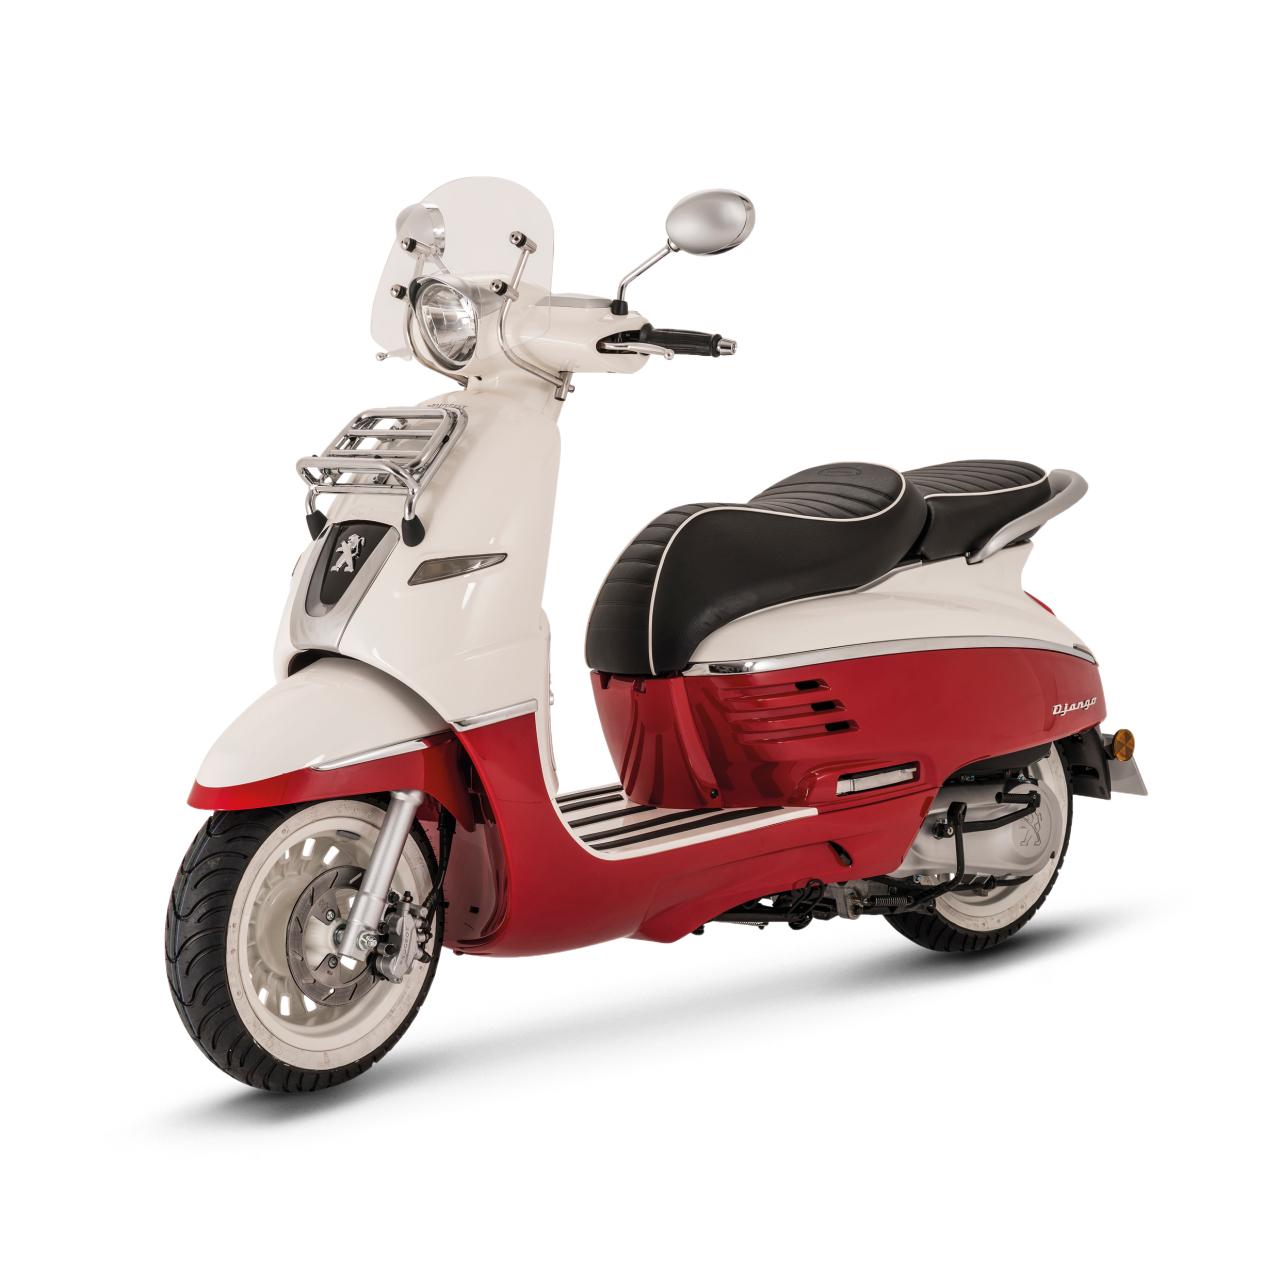 nouveaut scooter 2014 peugeot django le n o r tro la fran aise l 39 argus. Black Bedroom Furniture Sets. Home Design Ideas